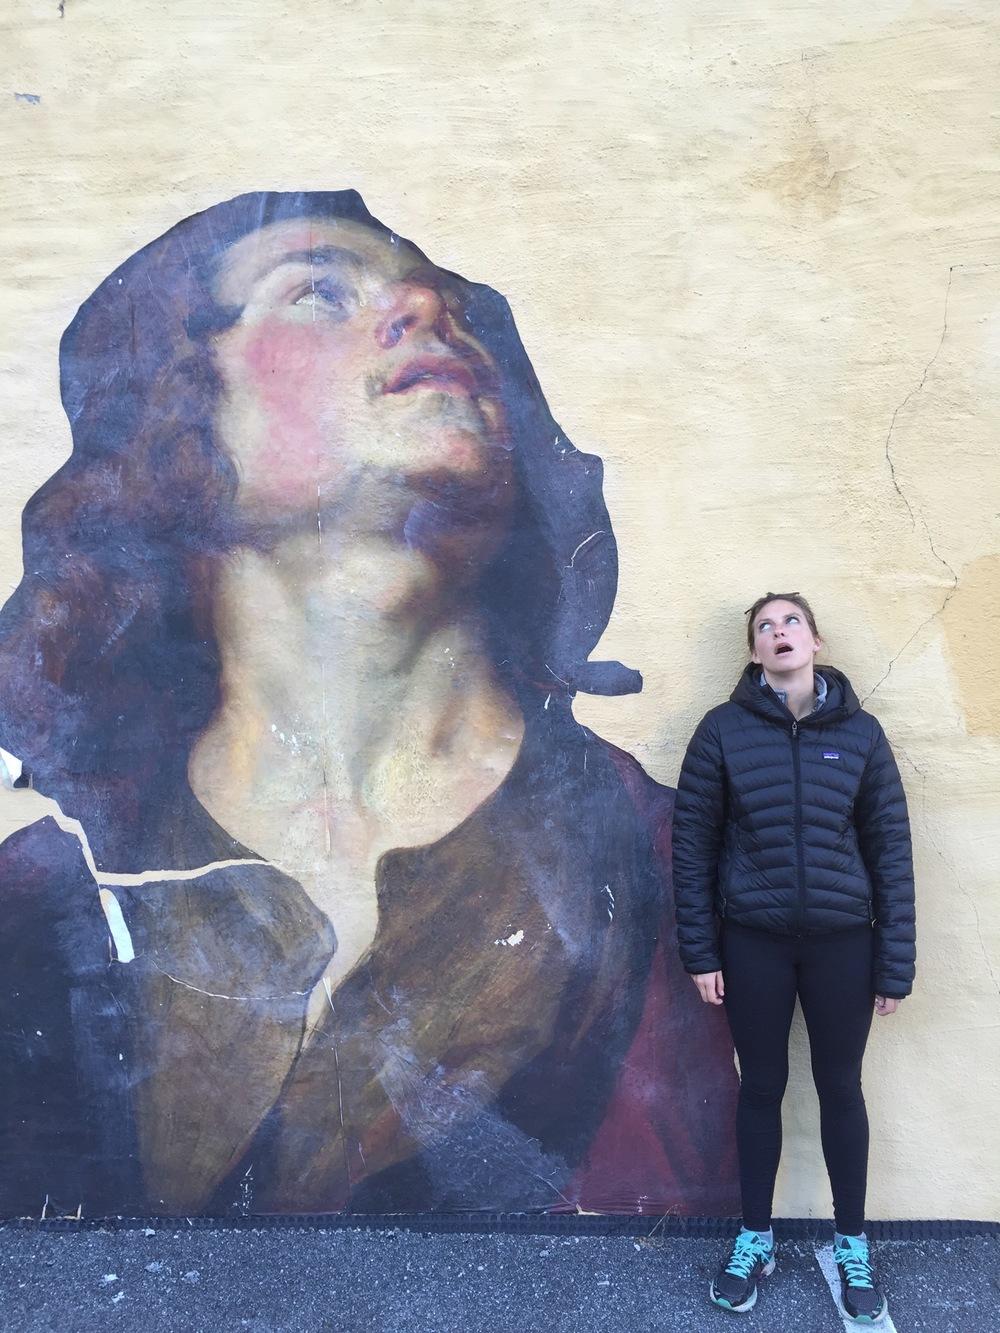 Stavanger - Graffiti Sarah.jpg